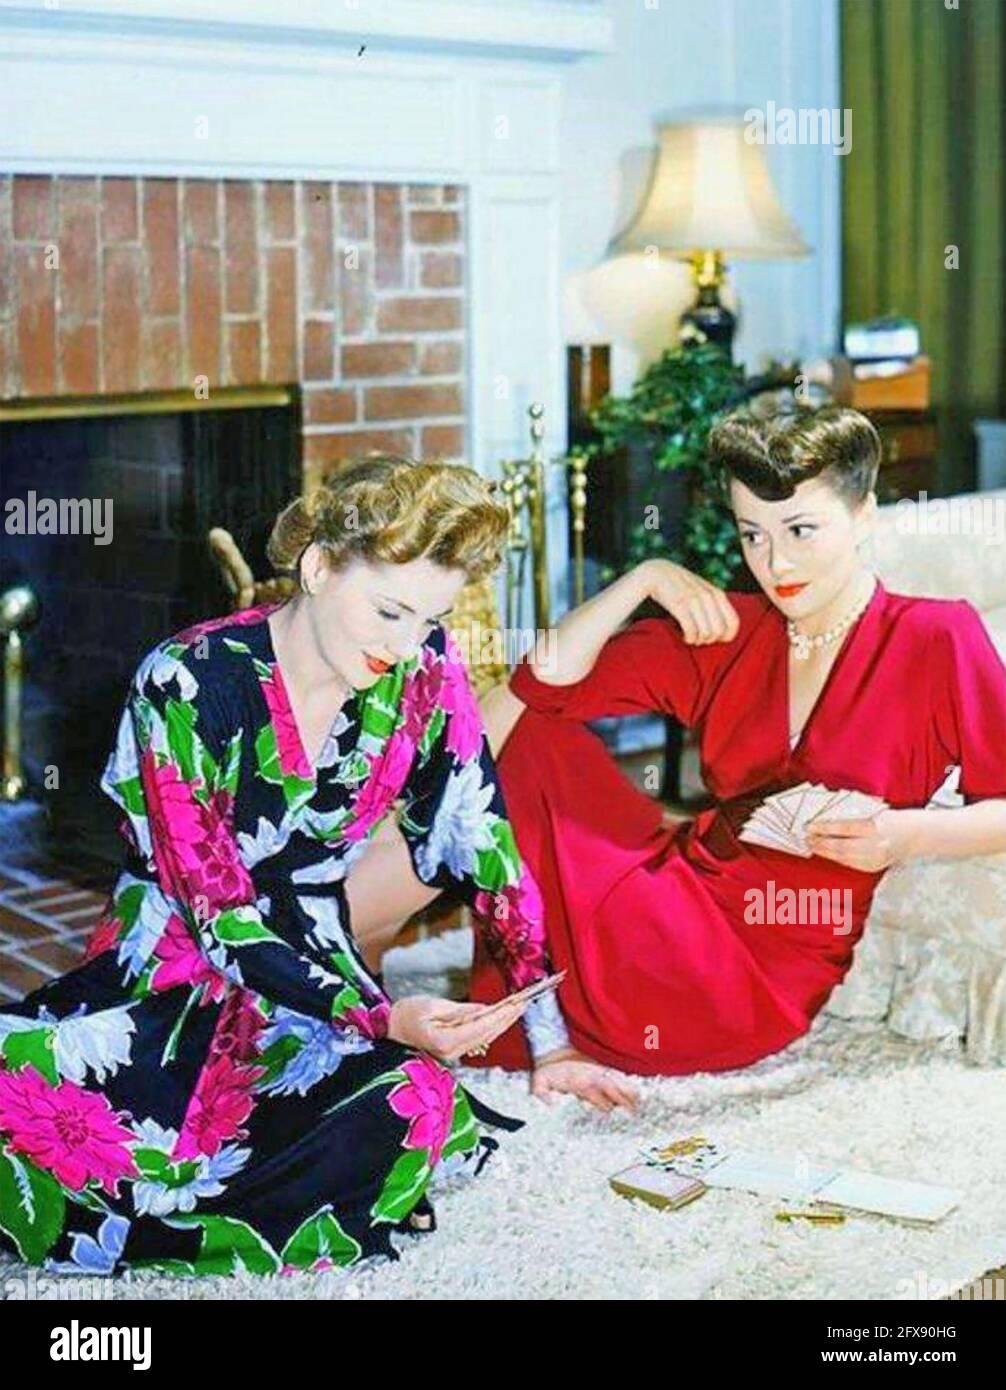 OLIVIA de HAVILLAND actrice britannique-américaine à droite avec elle Actrice sœur Joan Fontaine vers 1943 Banque D'Images